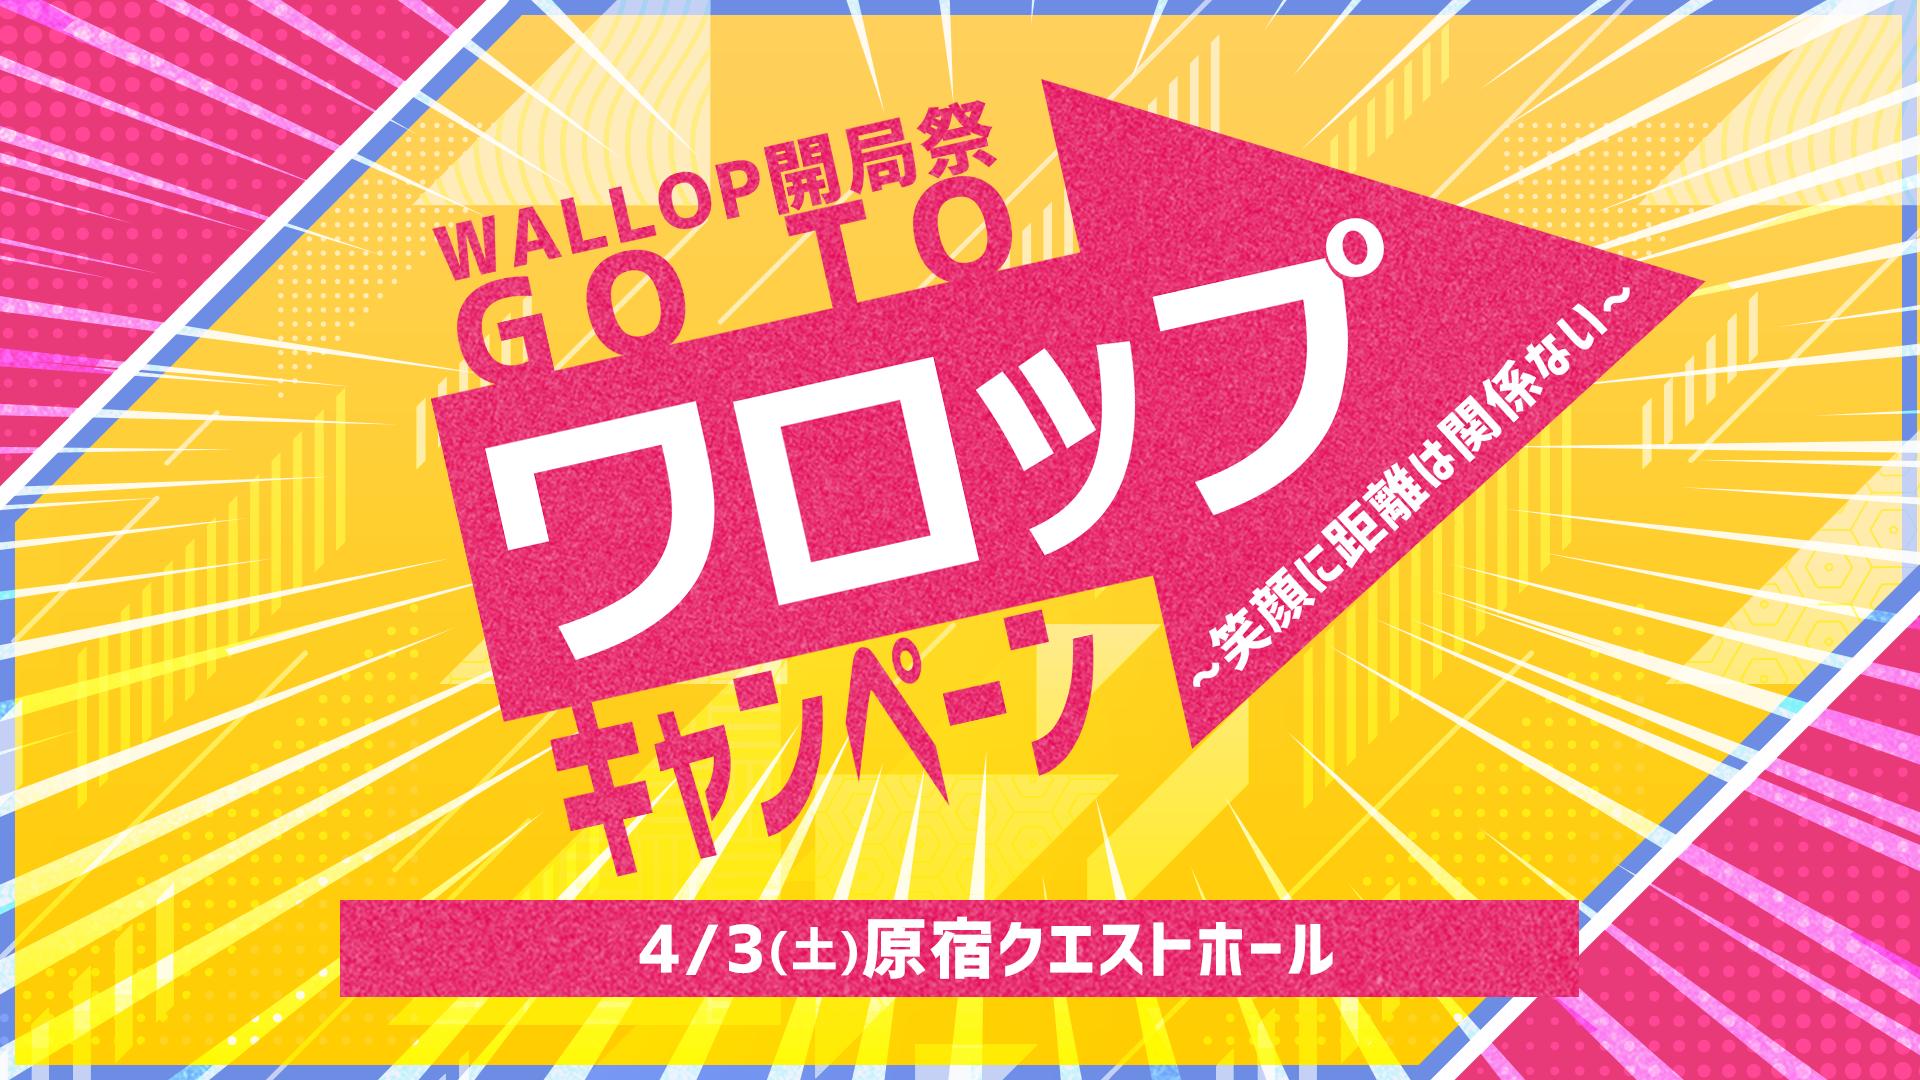 【4/3(土)配信チケット】WALLOP開局祭 GO TO ワロップキャンペーン〜笑顔に距離は関係ない〜 WALNING番外編!!